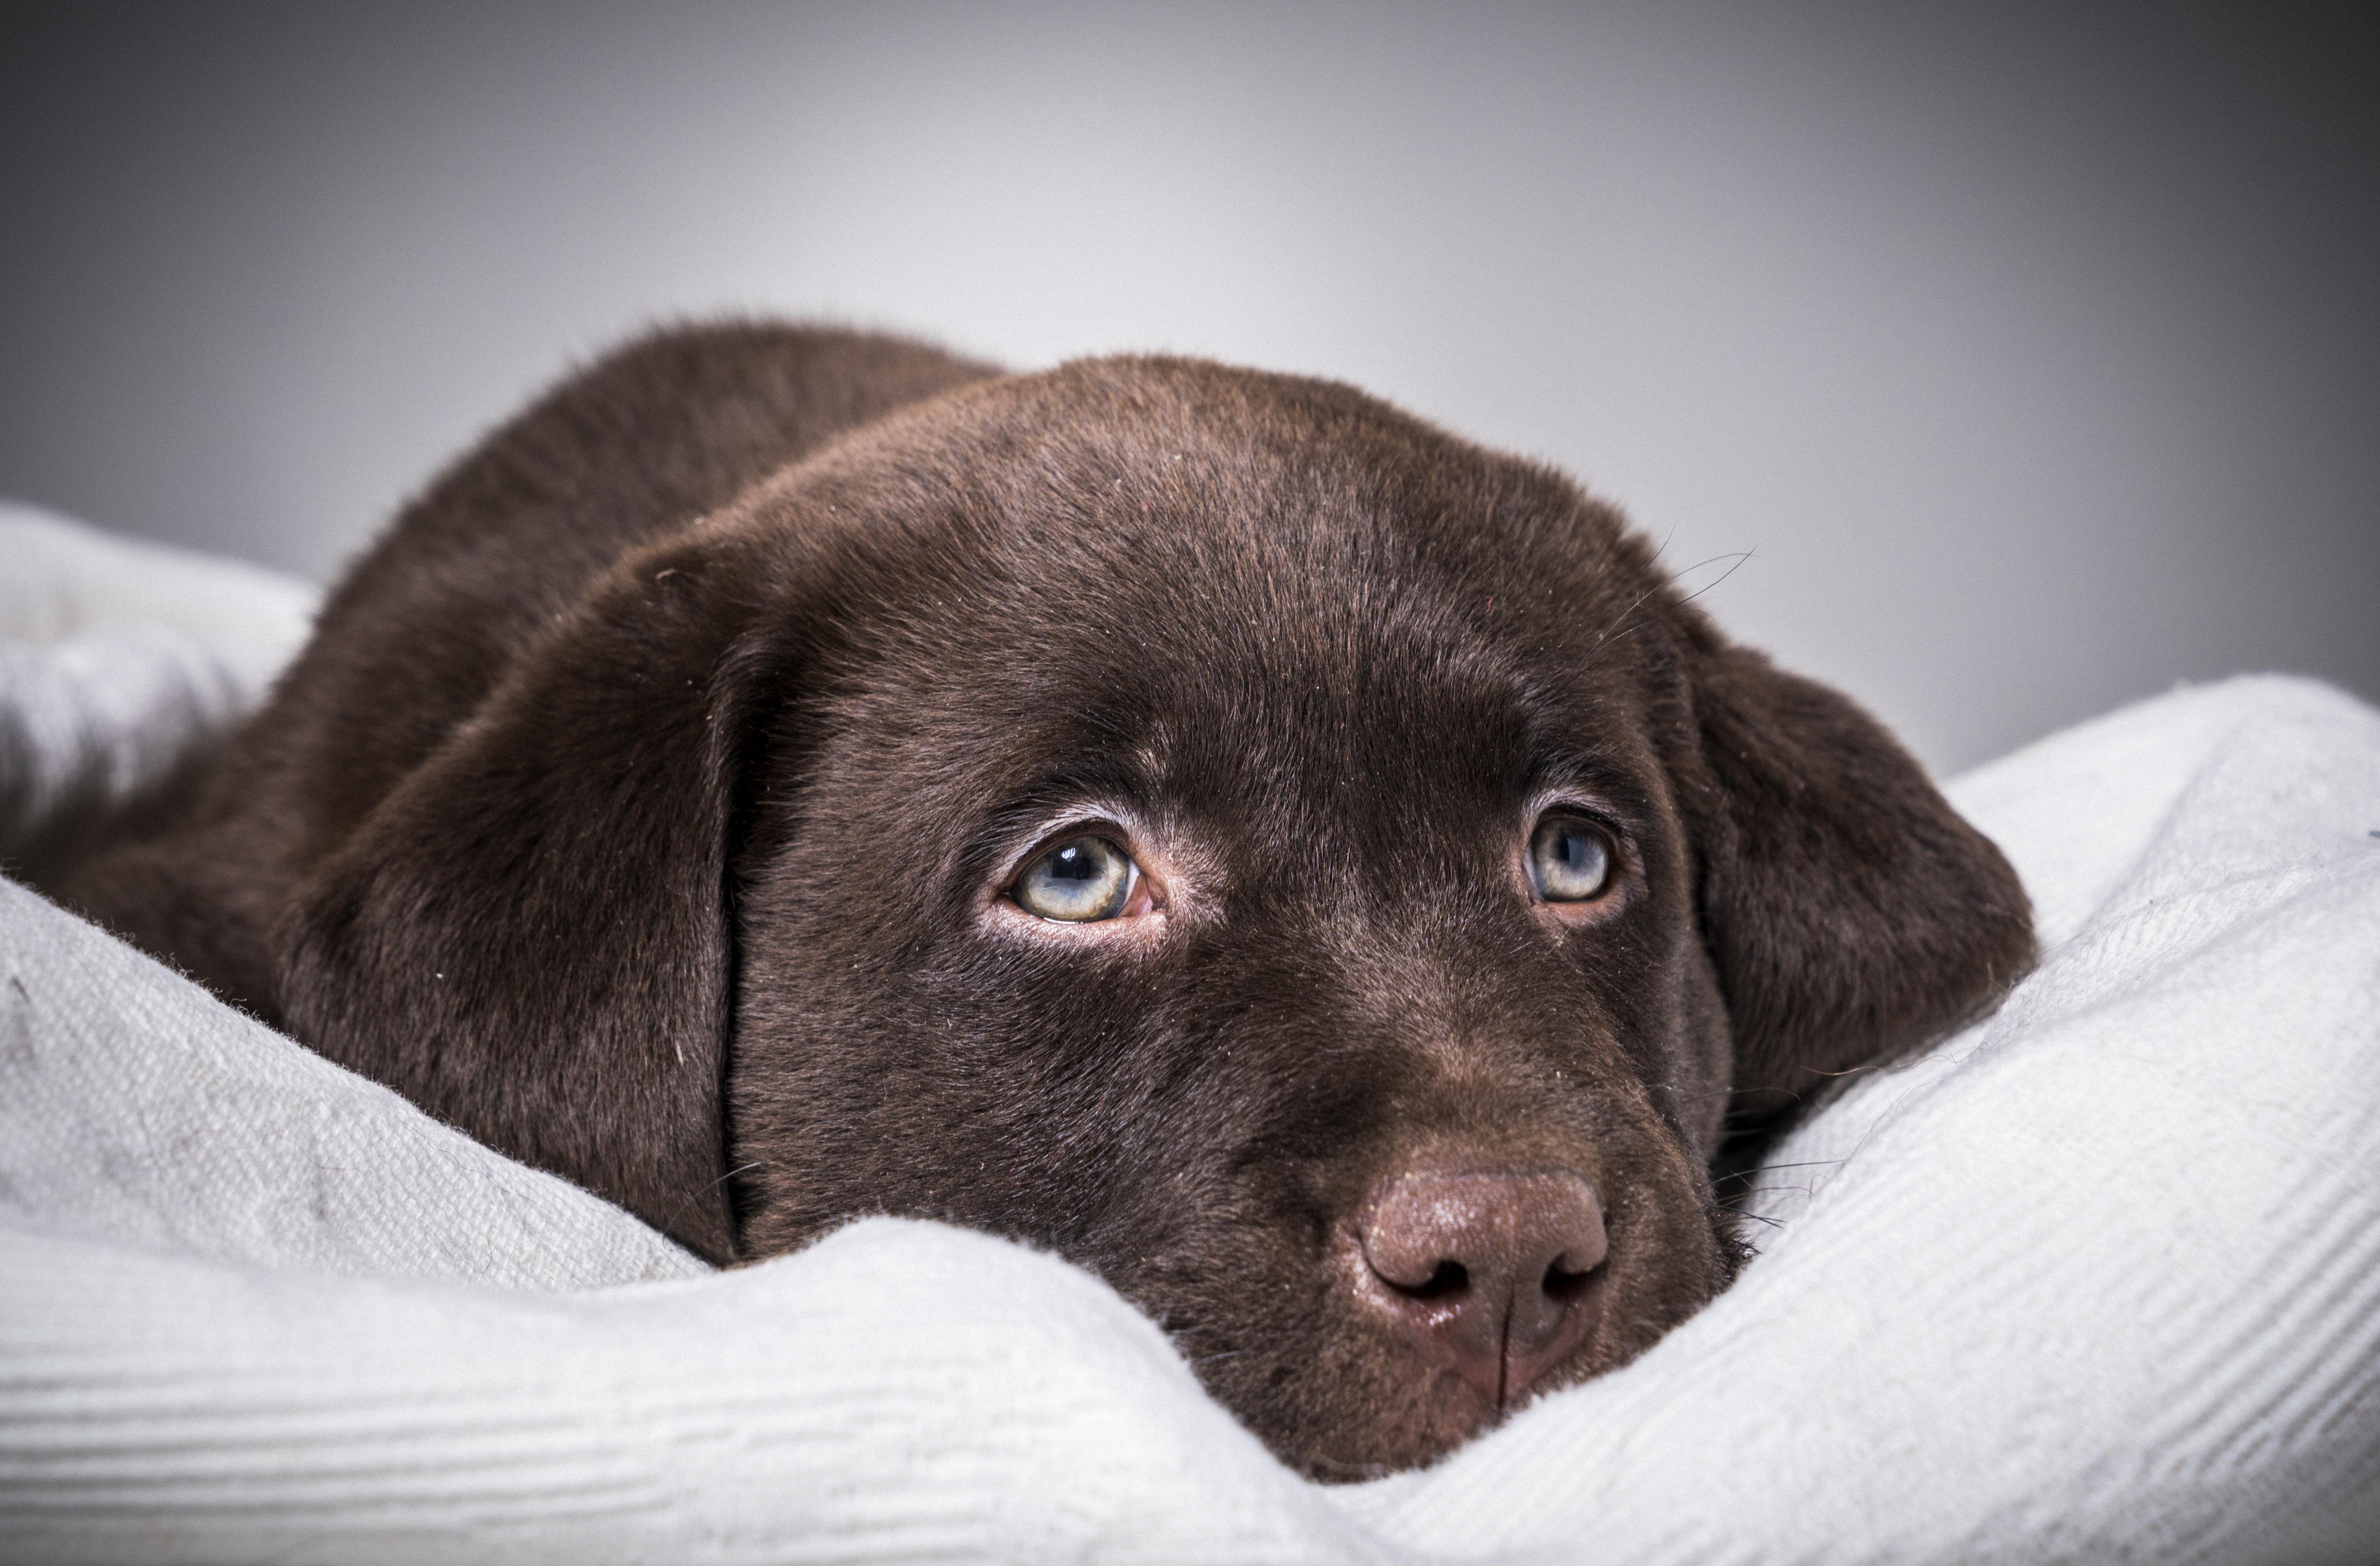 Ερευνα: To χρώμα δημοφιλούς ράτσας σκύλου «δείχνει» πόσο θα